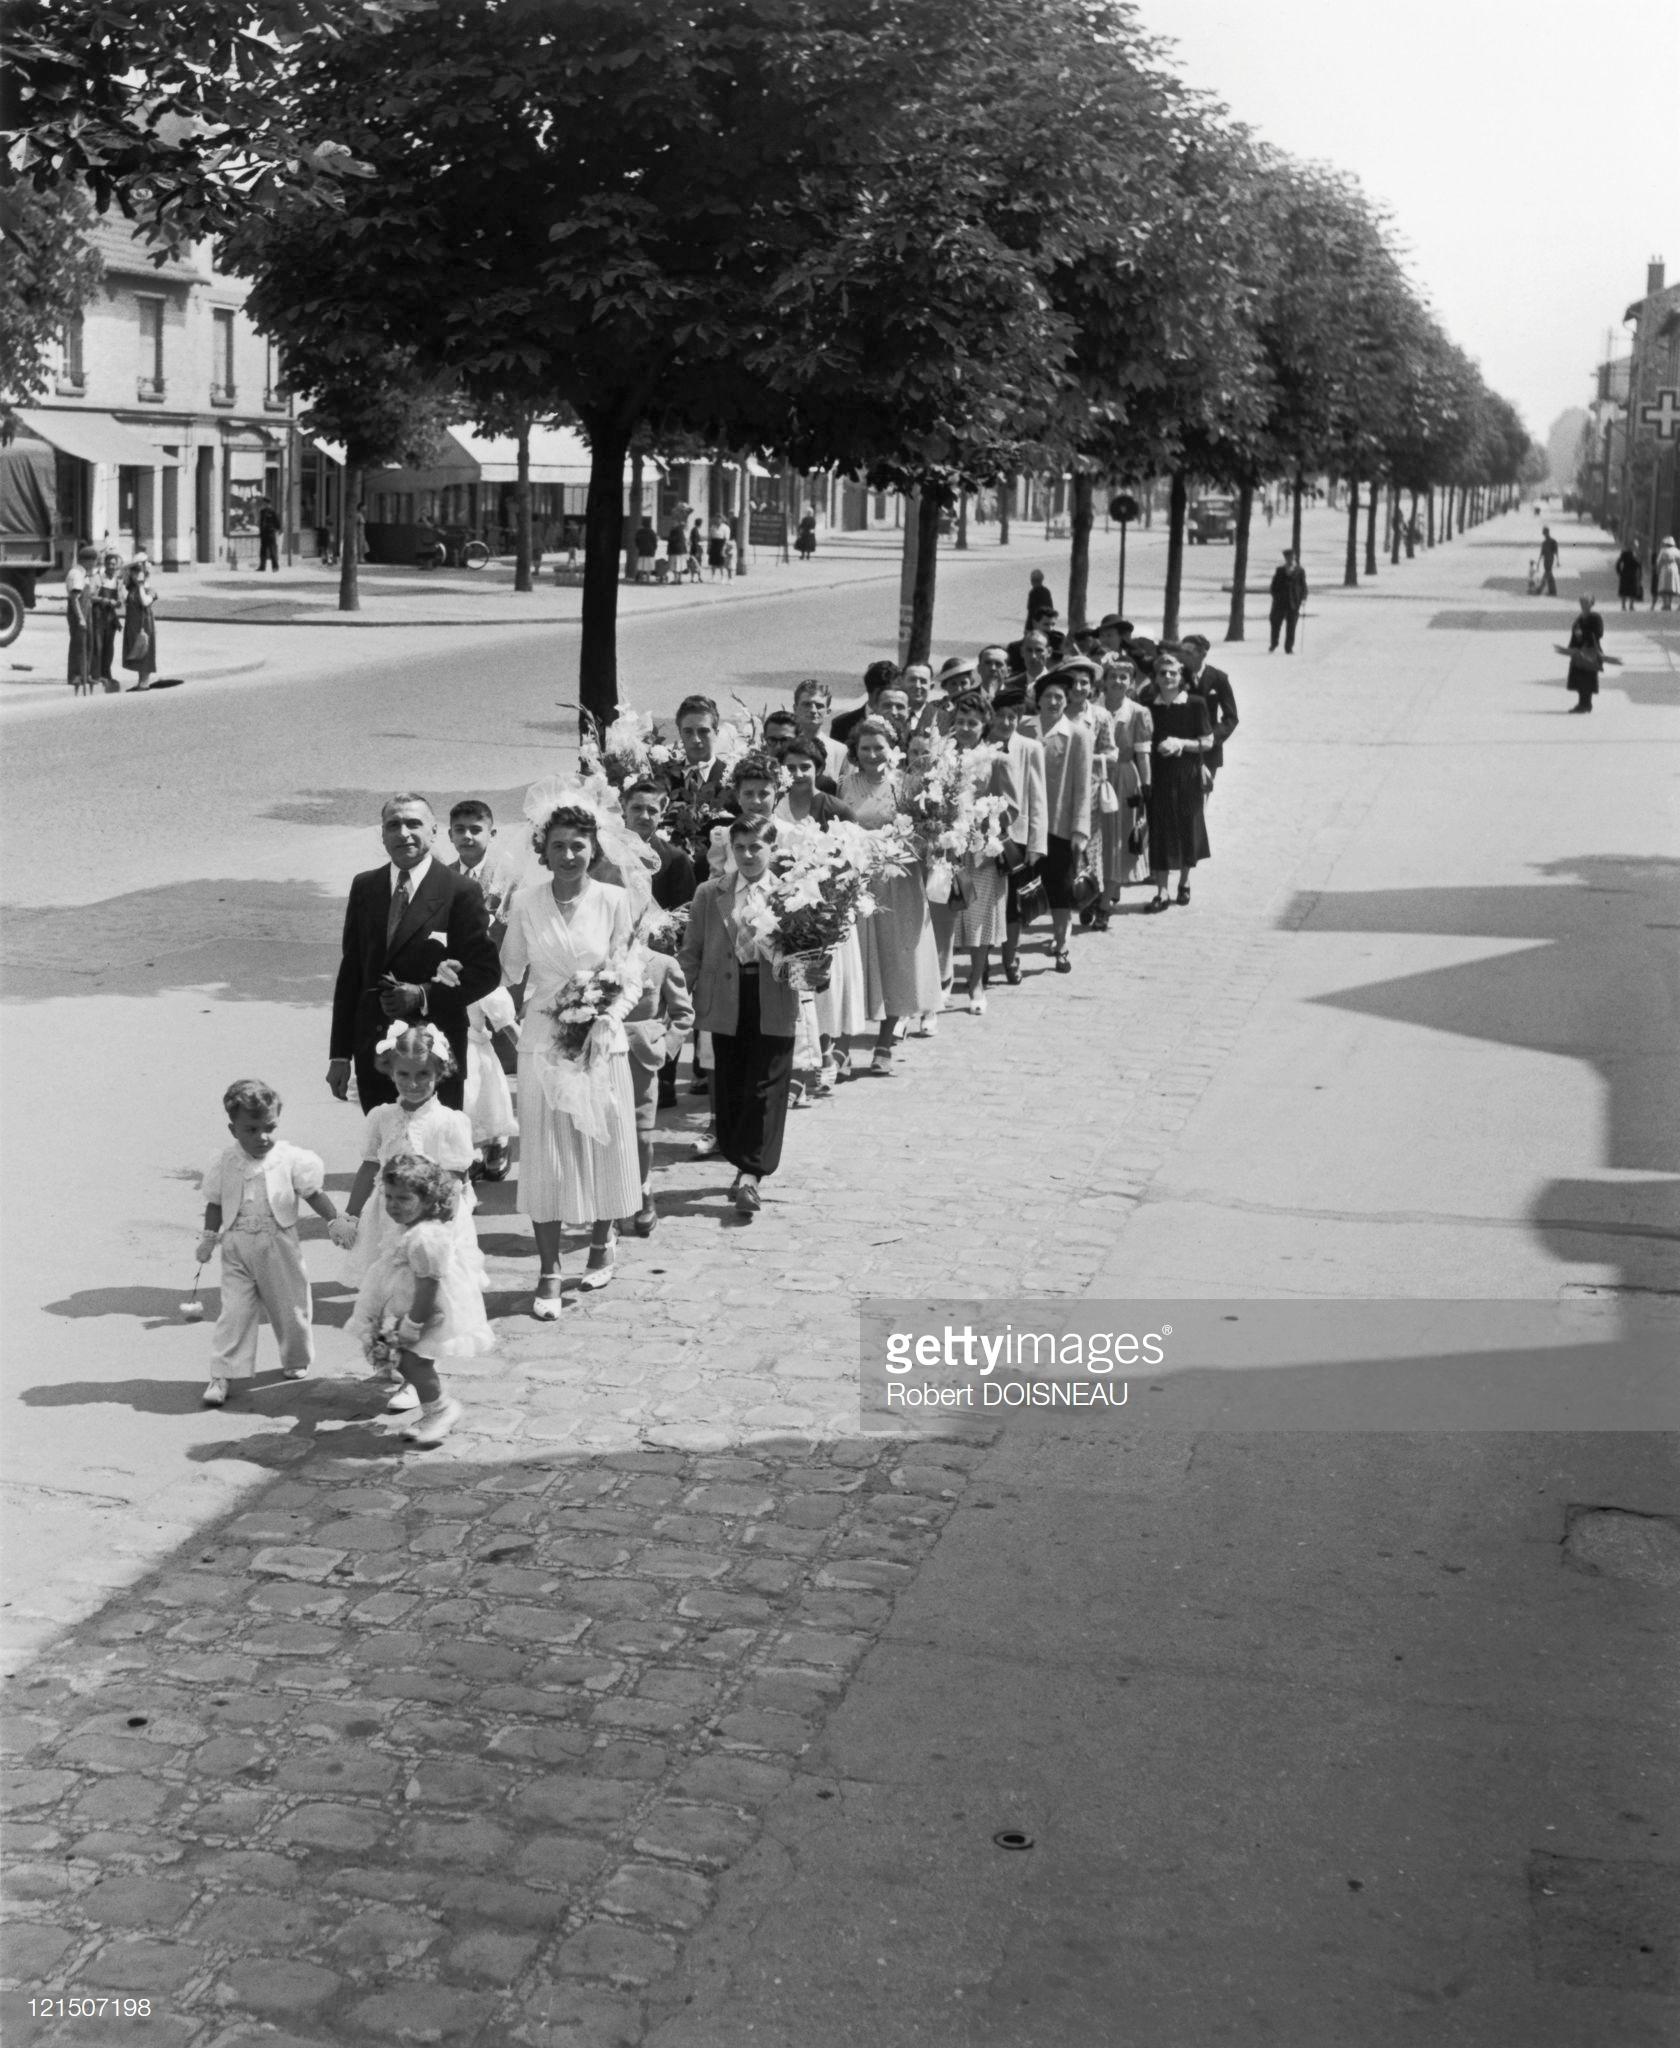 1935. Шествие детей перед свадьбой по улице Шуази Ле Руа в департаменте Валь-де-Марн